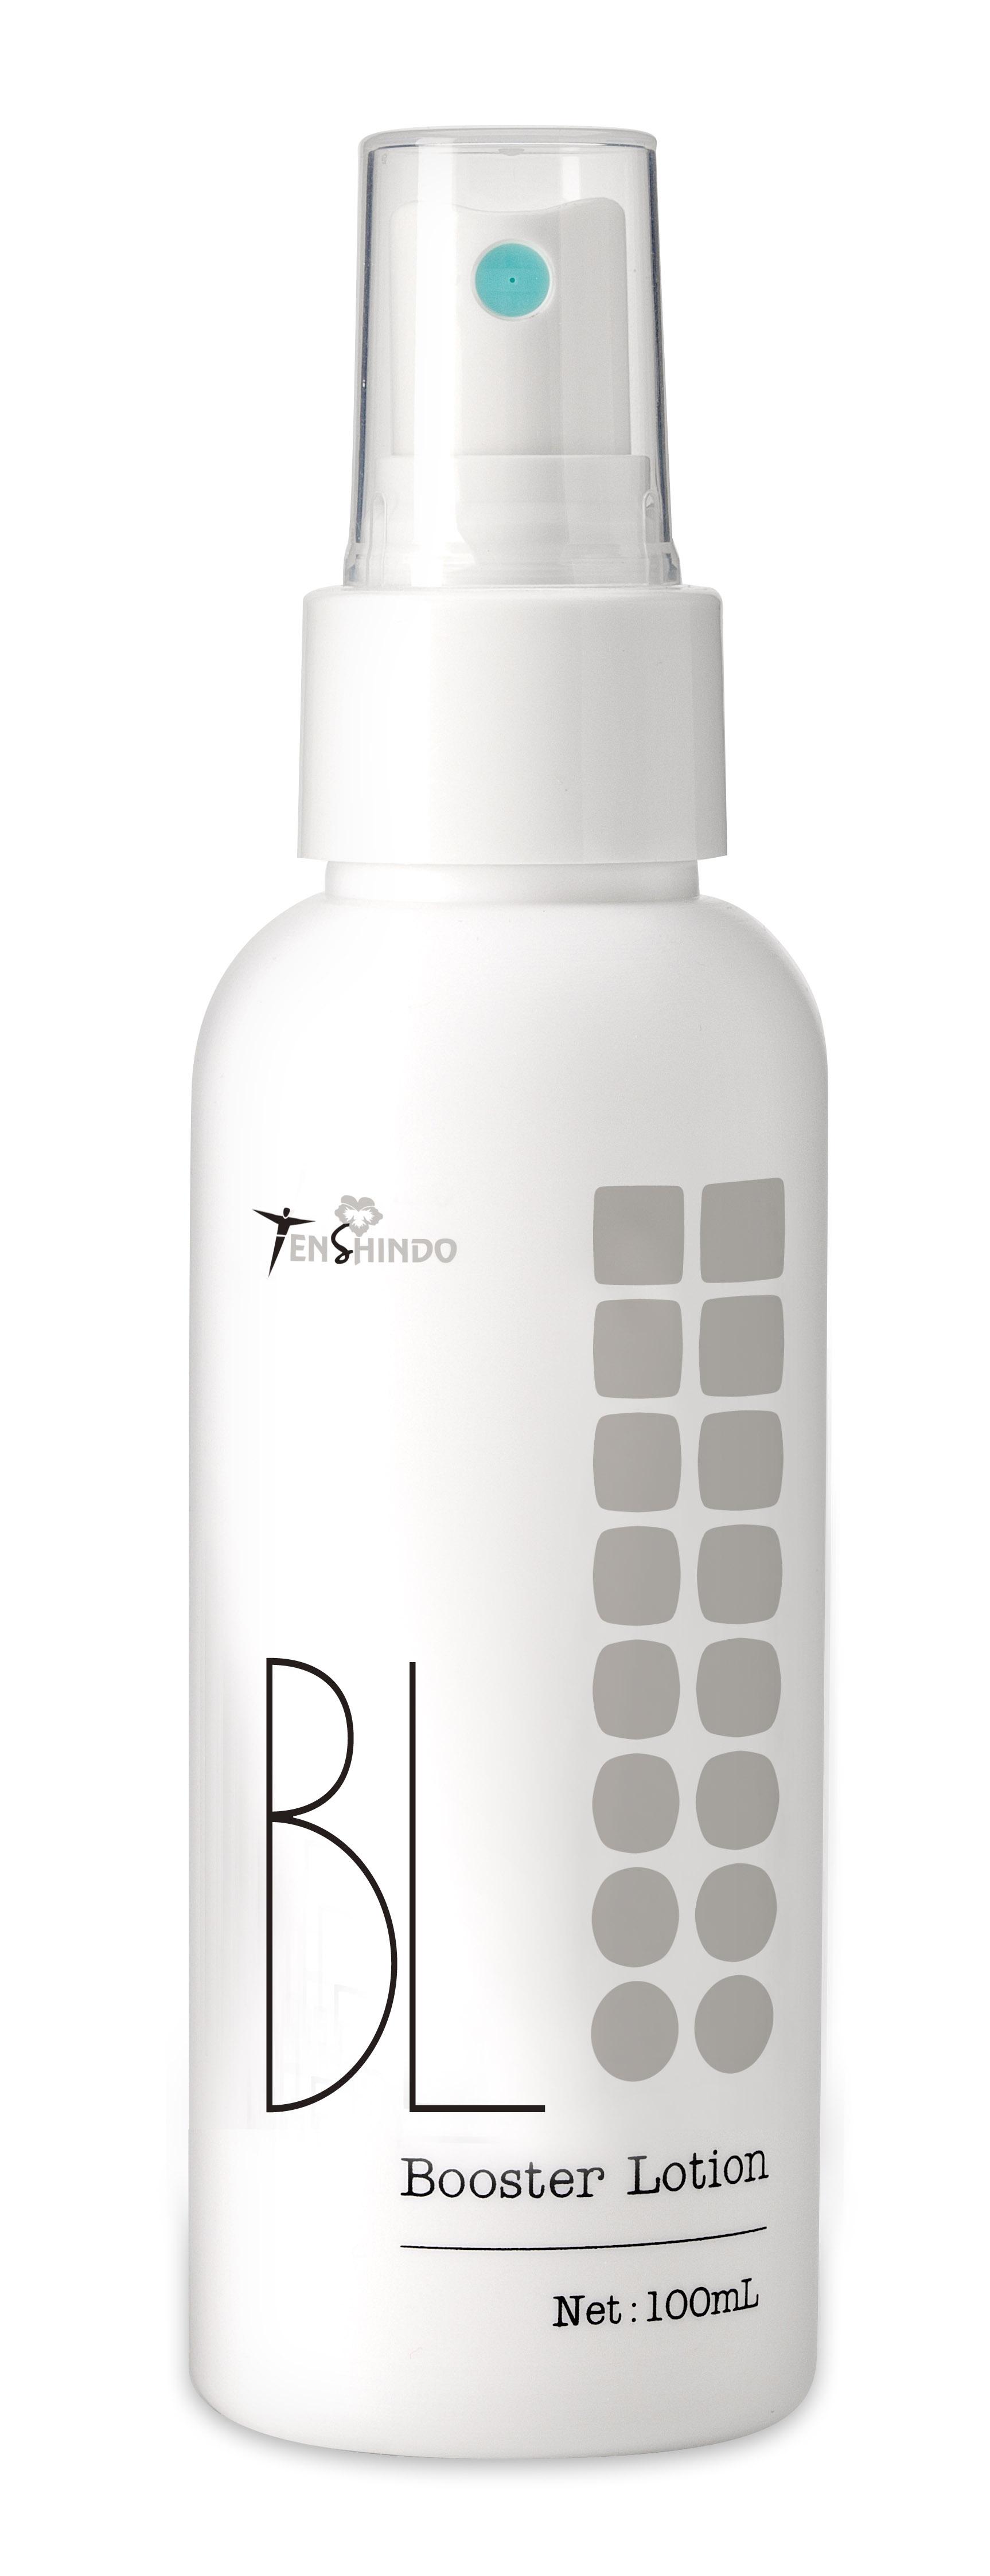 シュっとひとふき。いつもの化粧水が、さらに染み込む!pHコントロールで柔らか美肌 美容成分8種配合 薬用導入型美容水 【ブースターローション】 日焼けの後にもワンプッシュでシミ対策